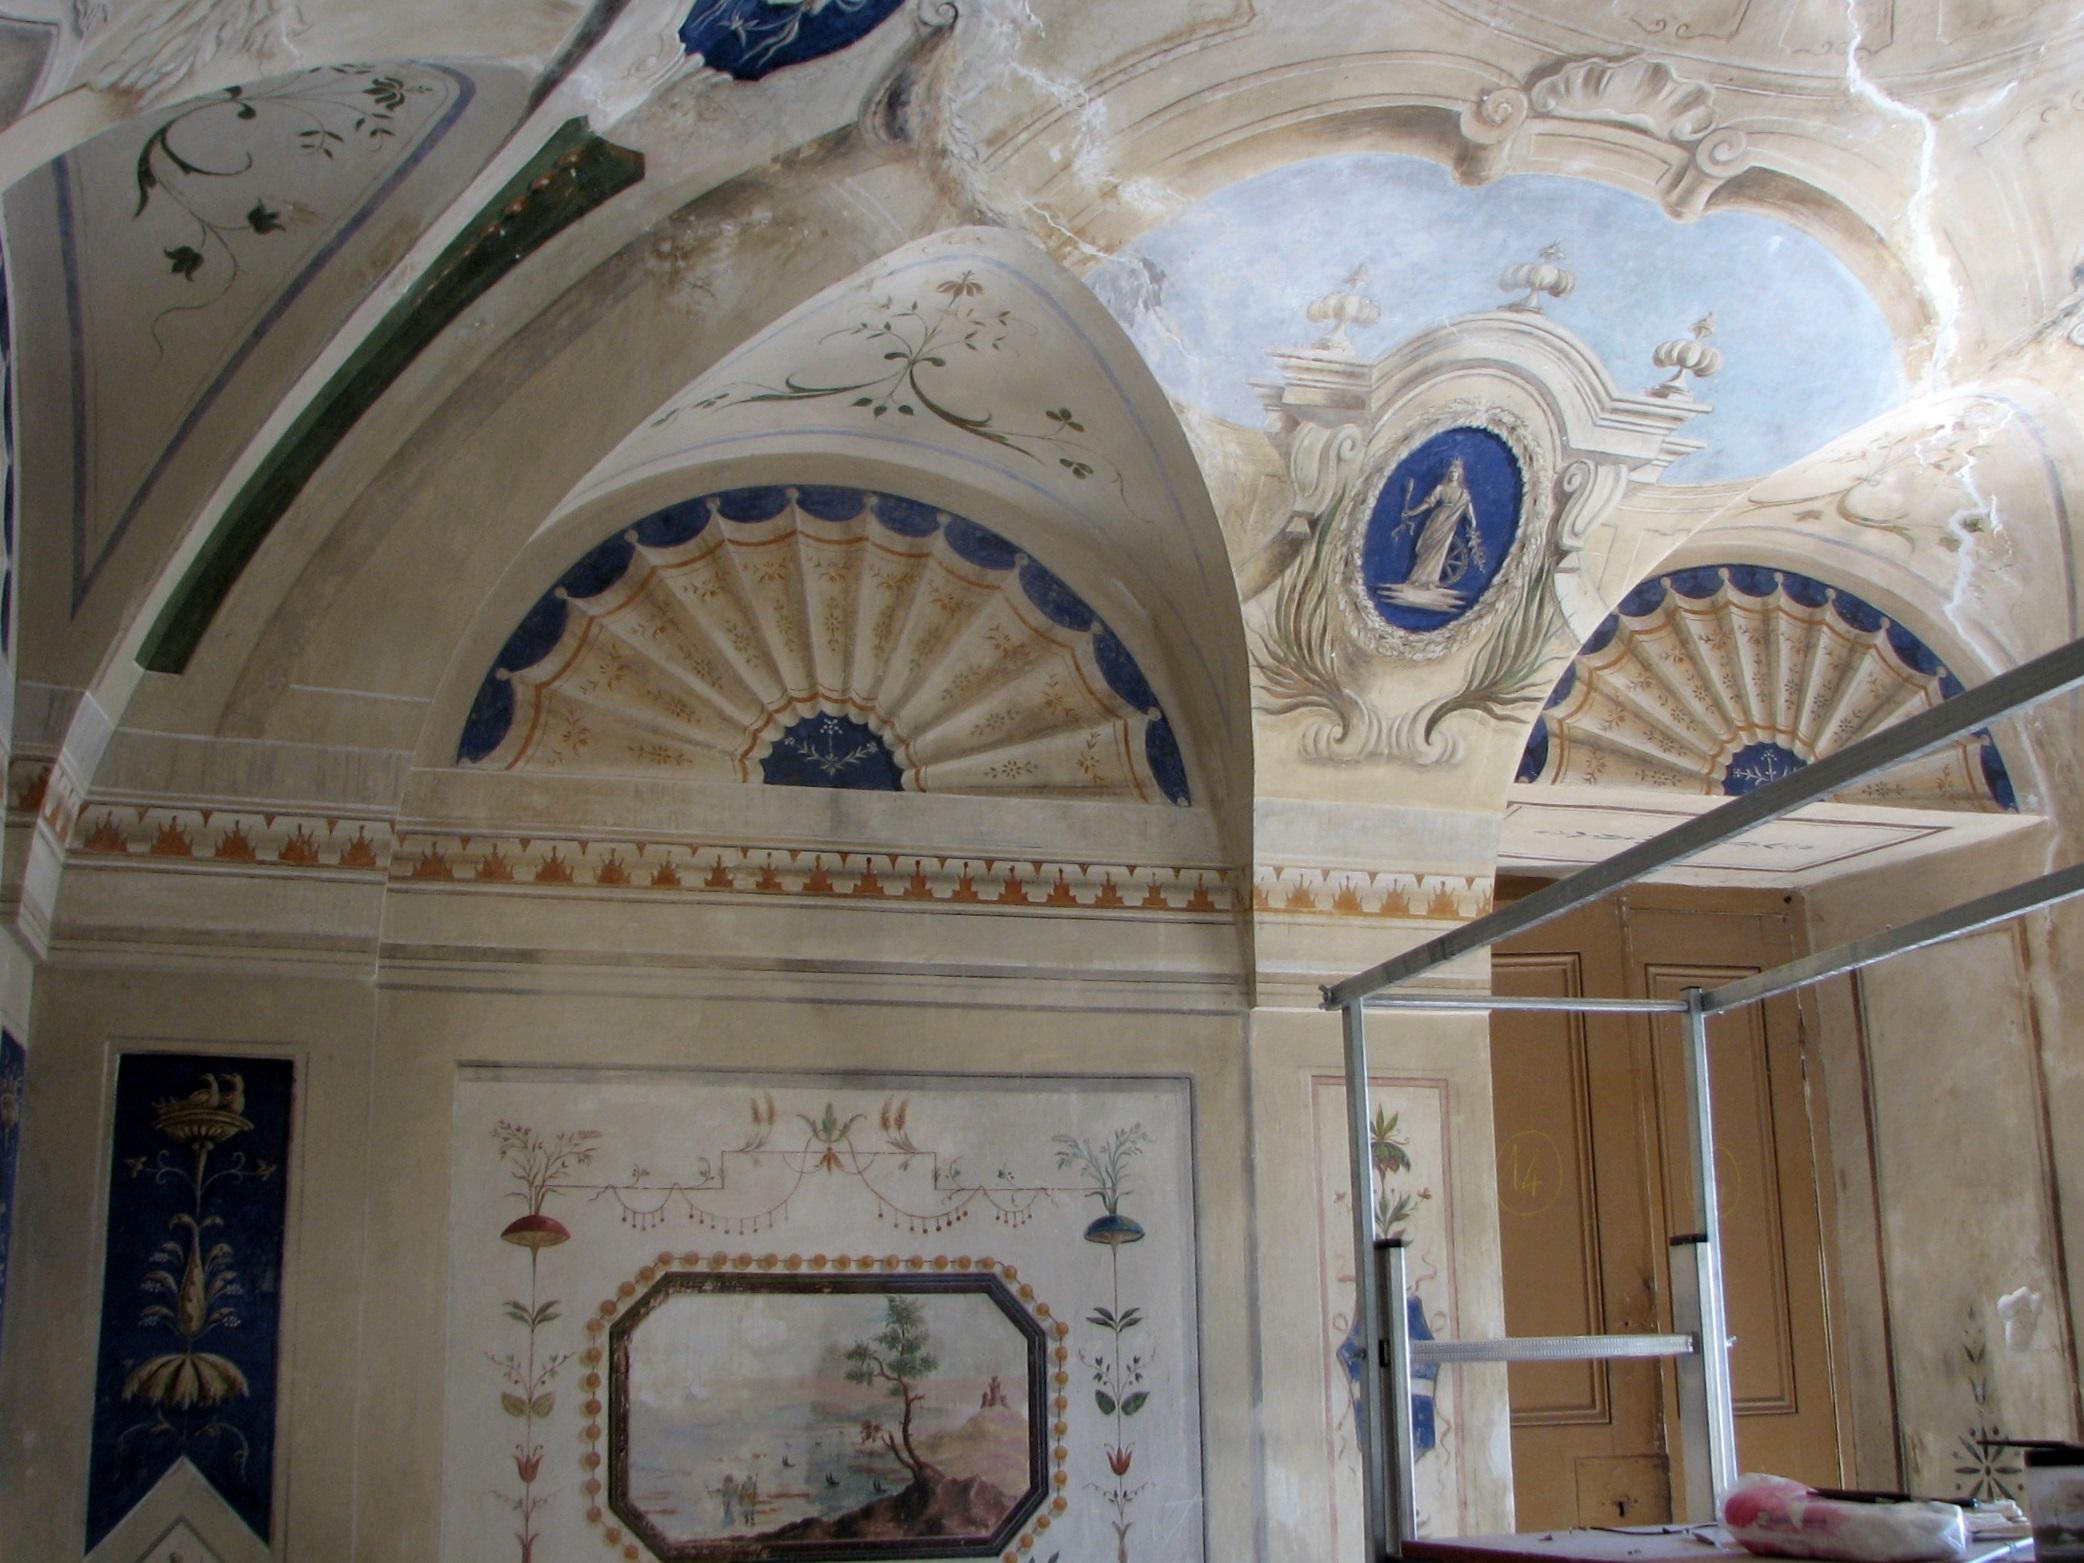 Dipinti Murali Per Camerette restauro di affreschi e dipinti murali - chiara lanari